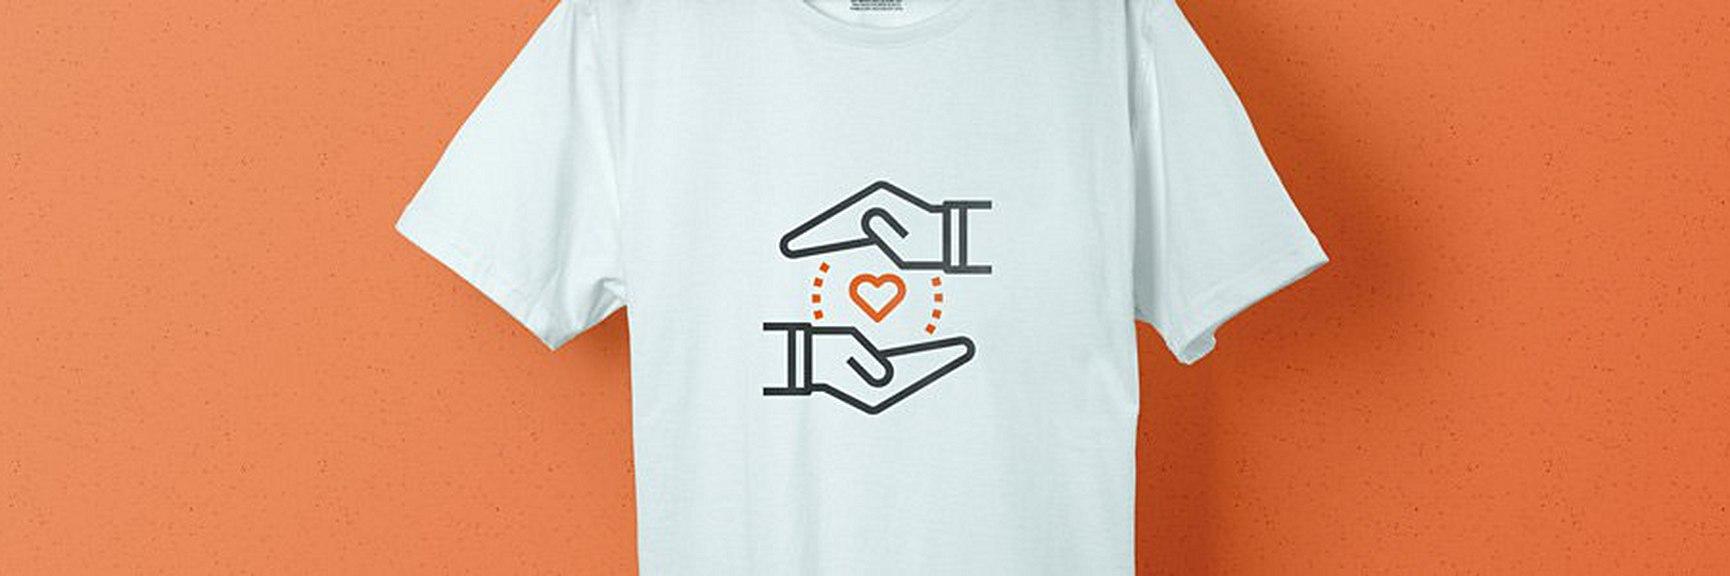 Aide et assistance - Besoin d'aide pour votre commande - Garment Printing